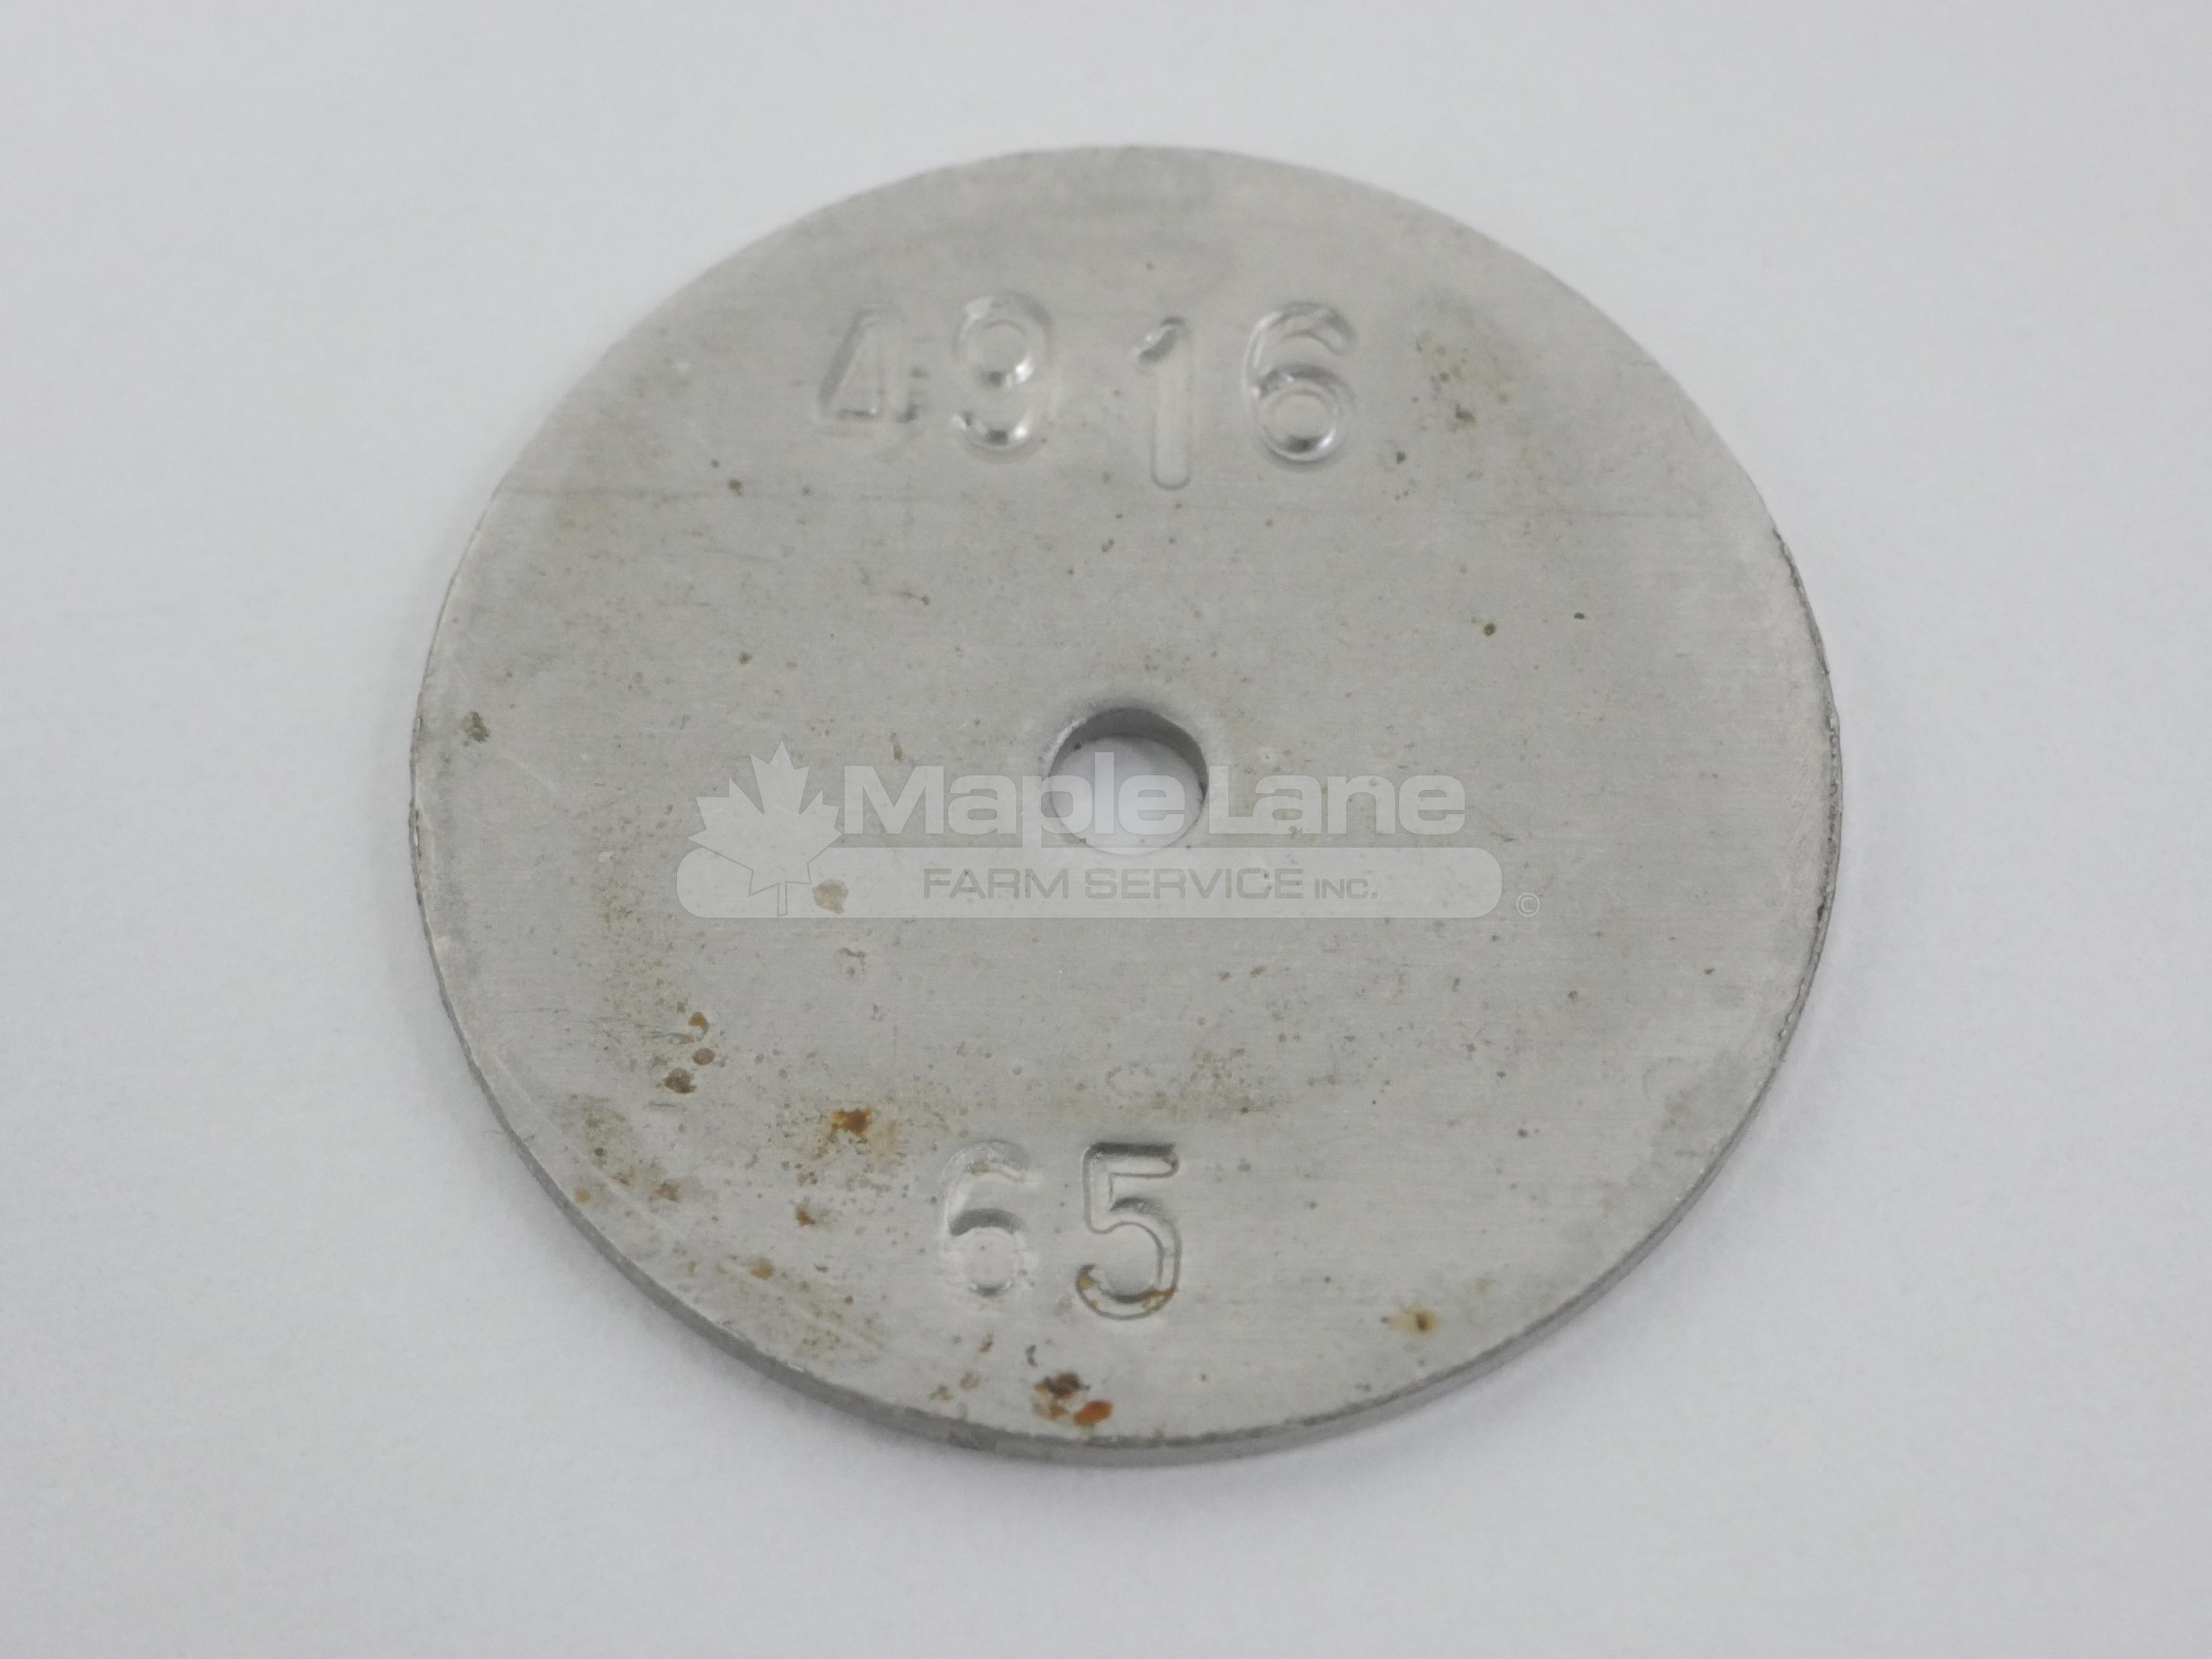 AG005758 Metering Disk